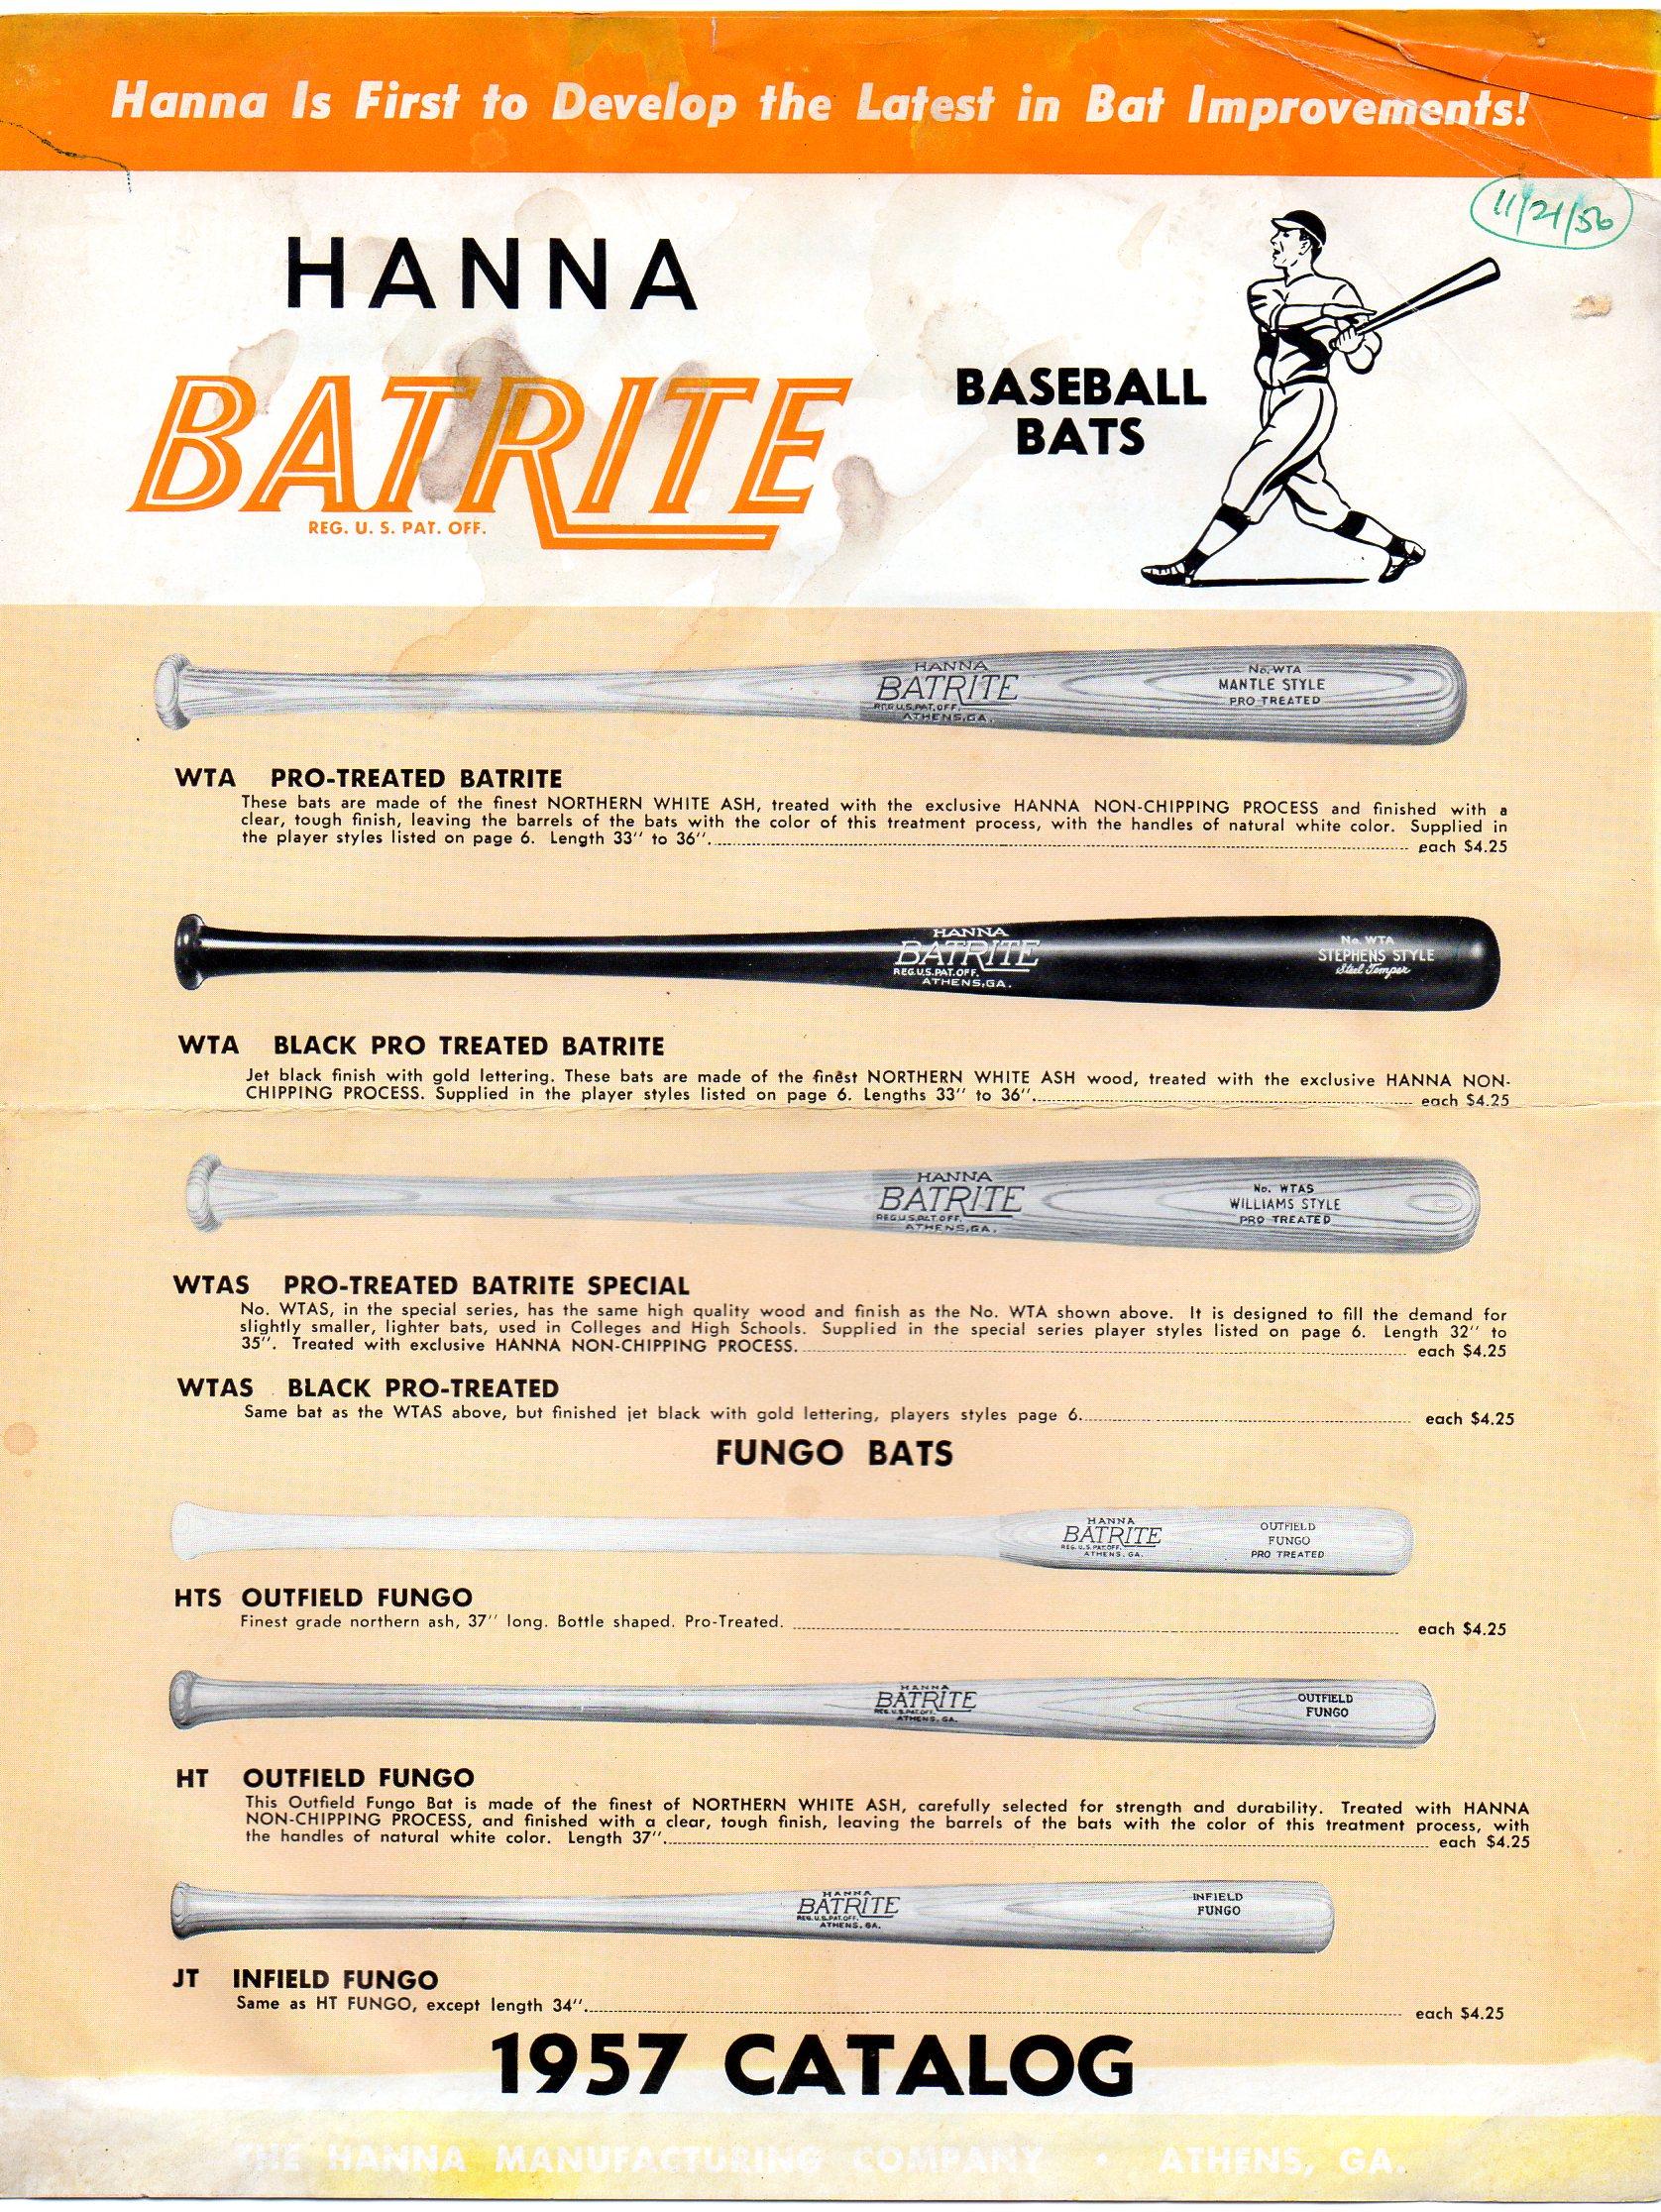 1957 hanna-batrire catalog